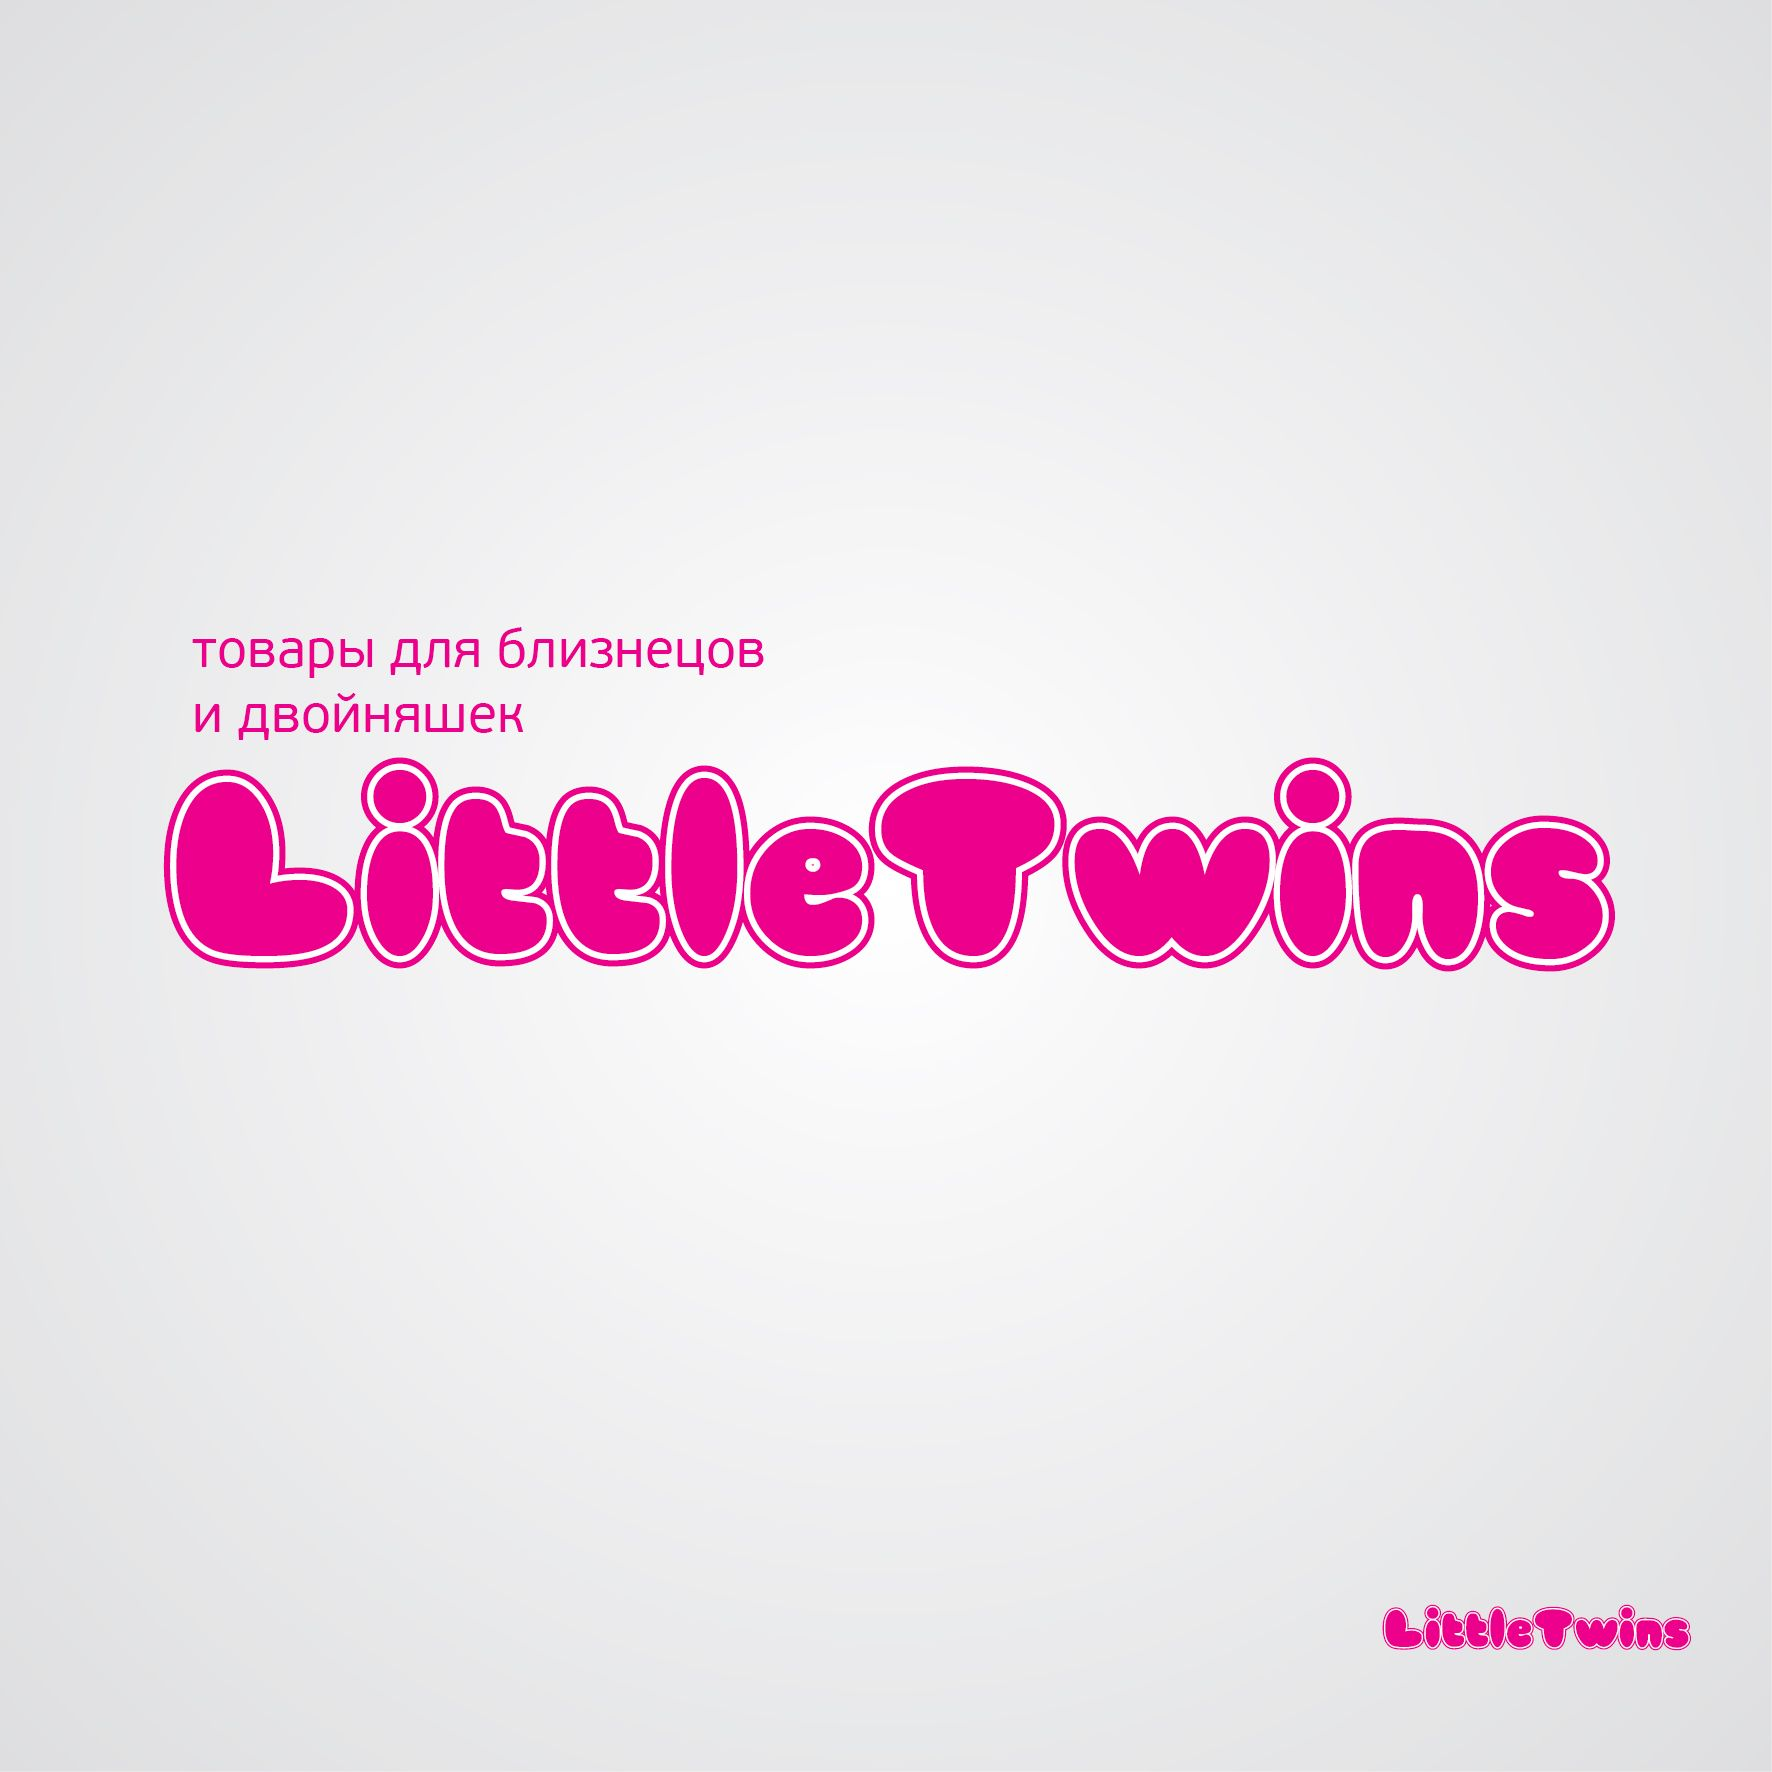 Логотип детского интернет-магазина для двойняшек - дизайнер PUPIK